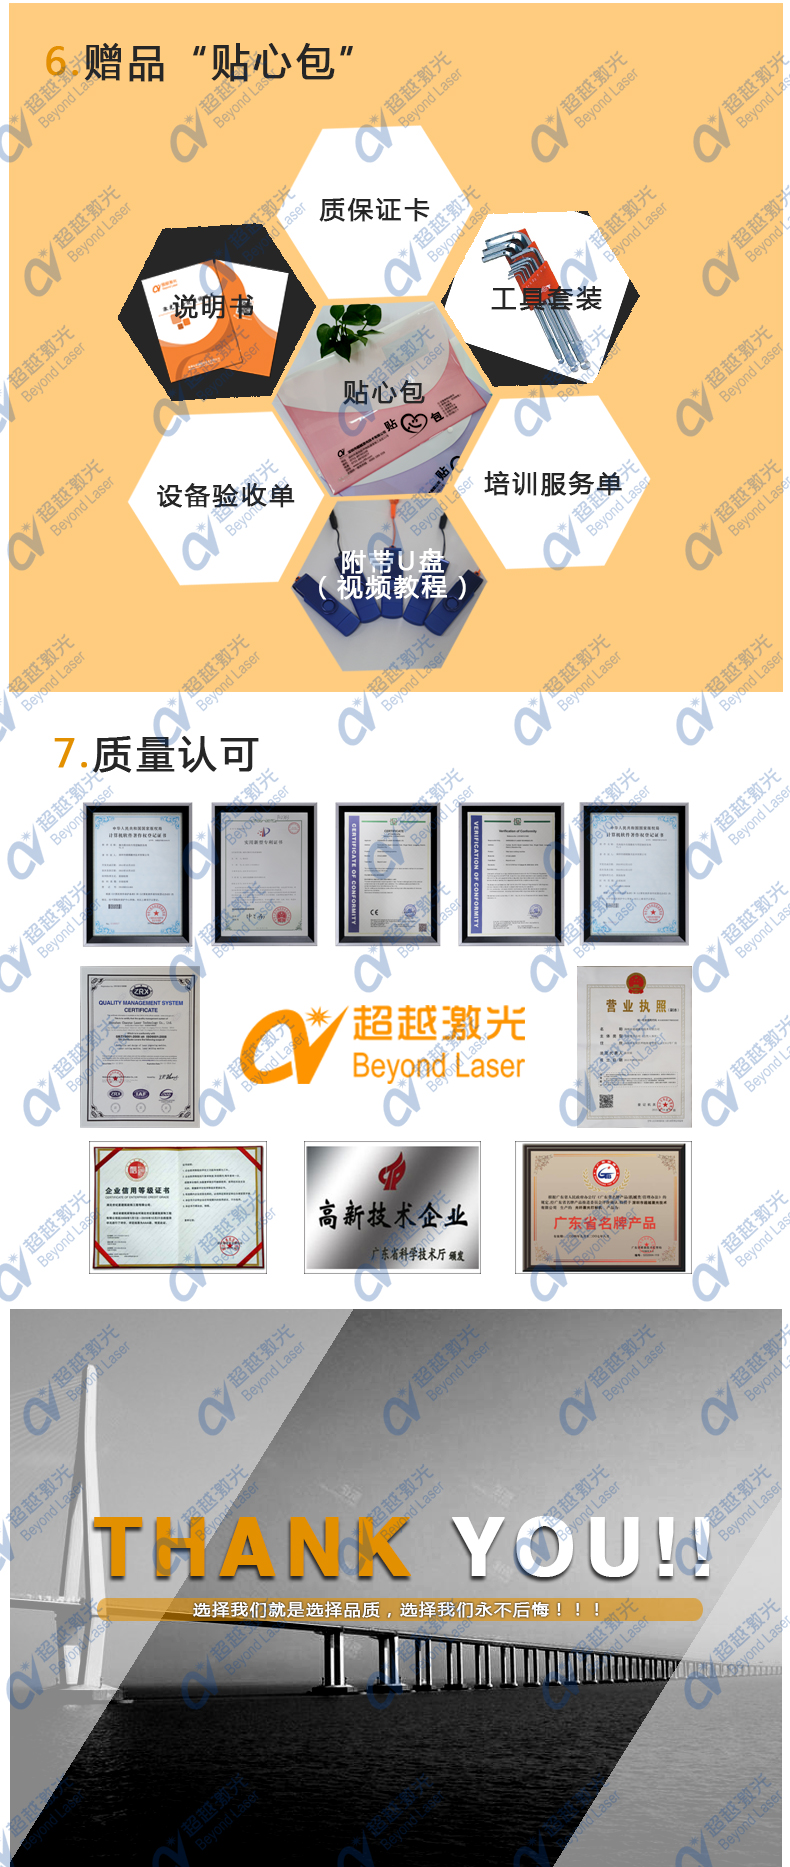 ca88会员登录|ca88亚洲城官网会员登录,欢迎光临_QCW自动化ca88亚洲城厂家选择